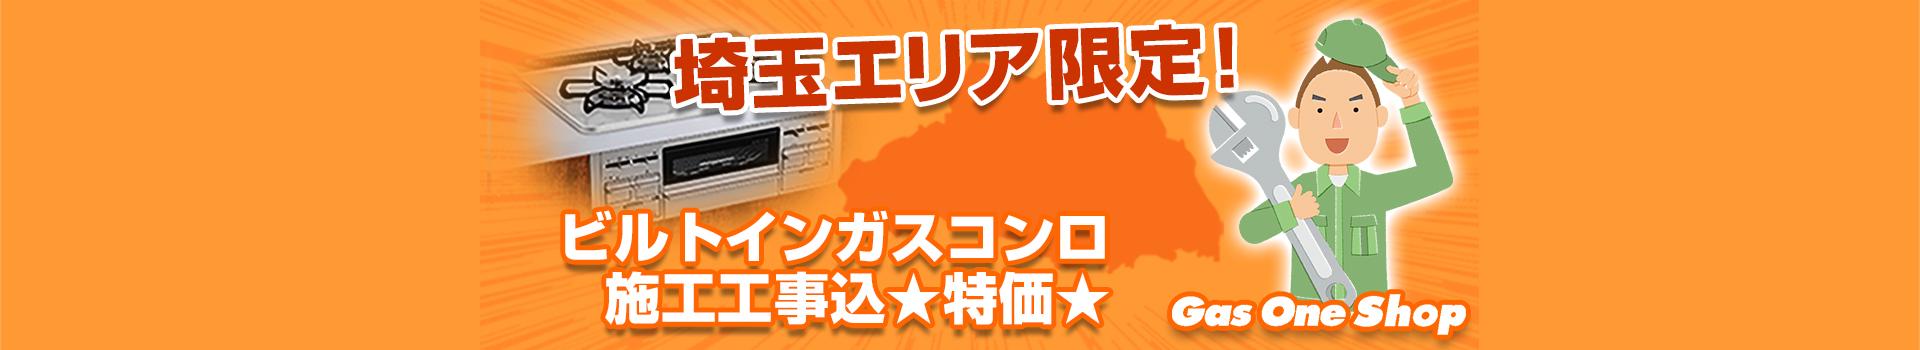 埼玉施工工事